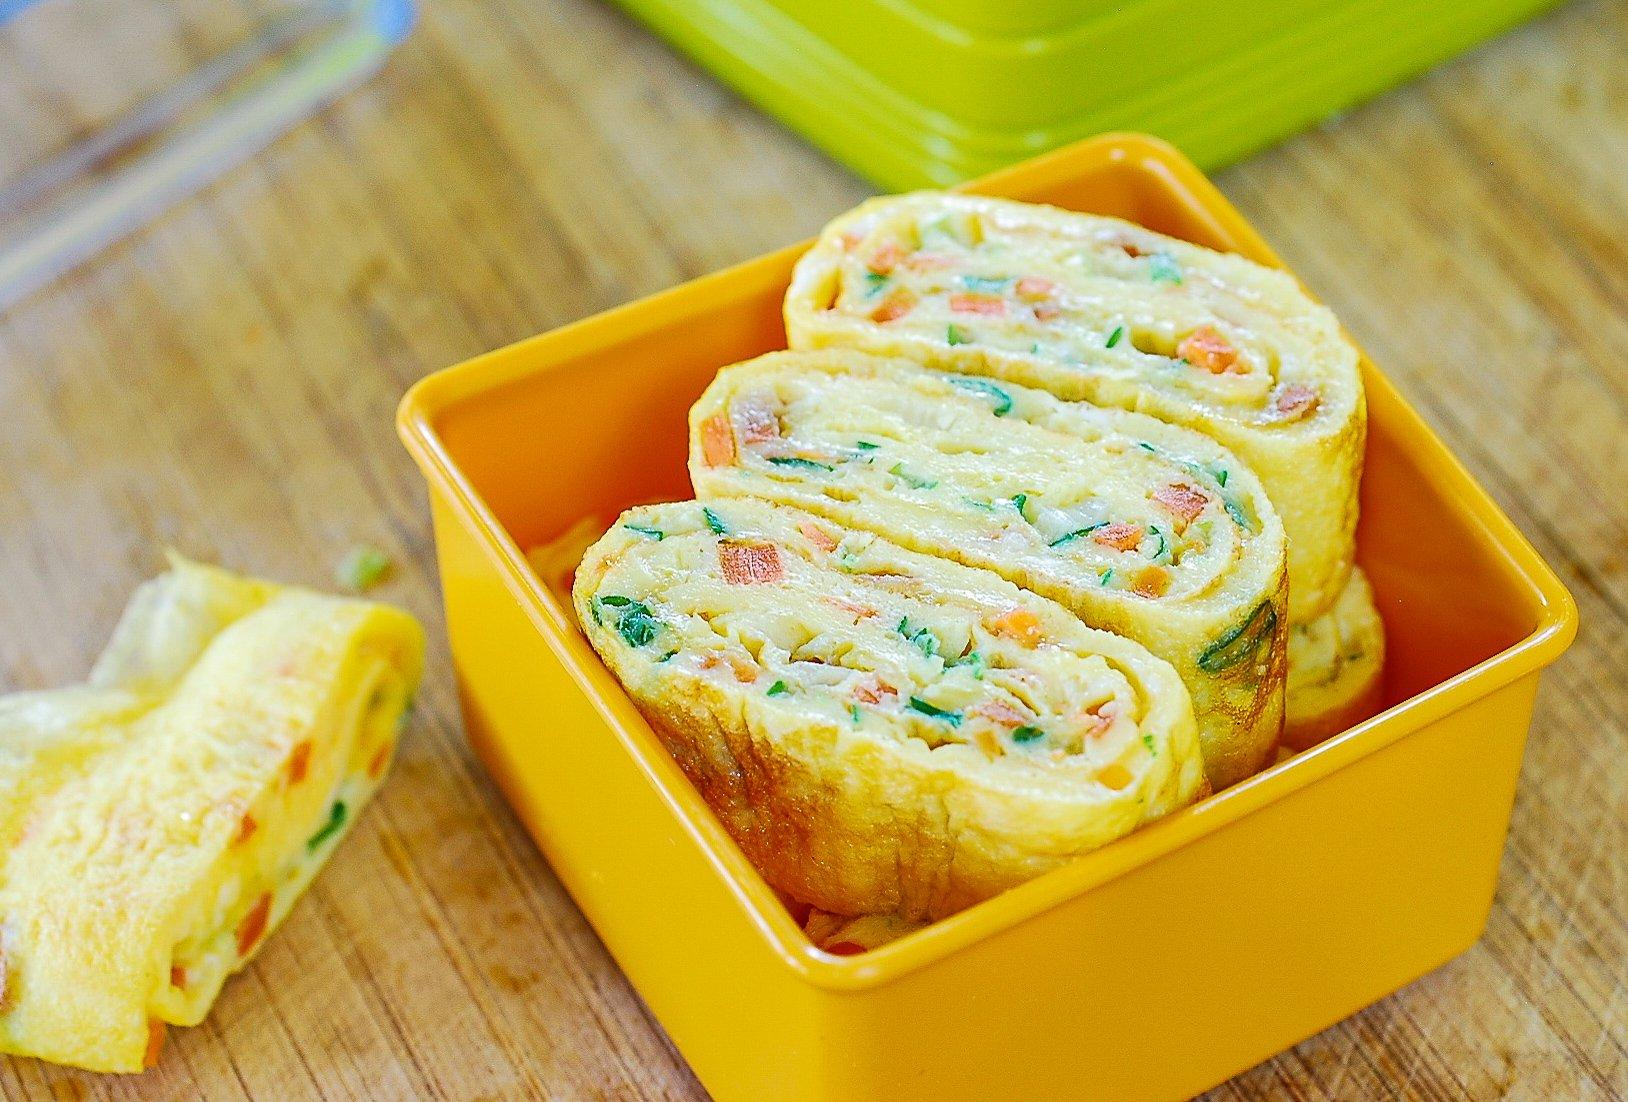 DSC 1183 2 - Gyeran Mari (Rolled Omelette)